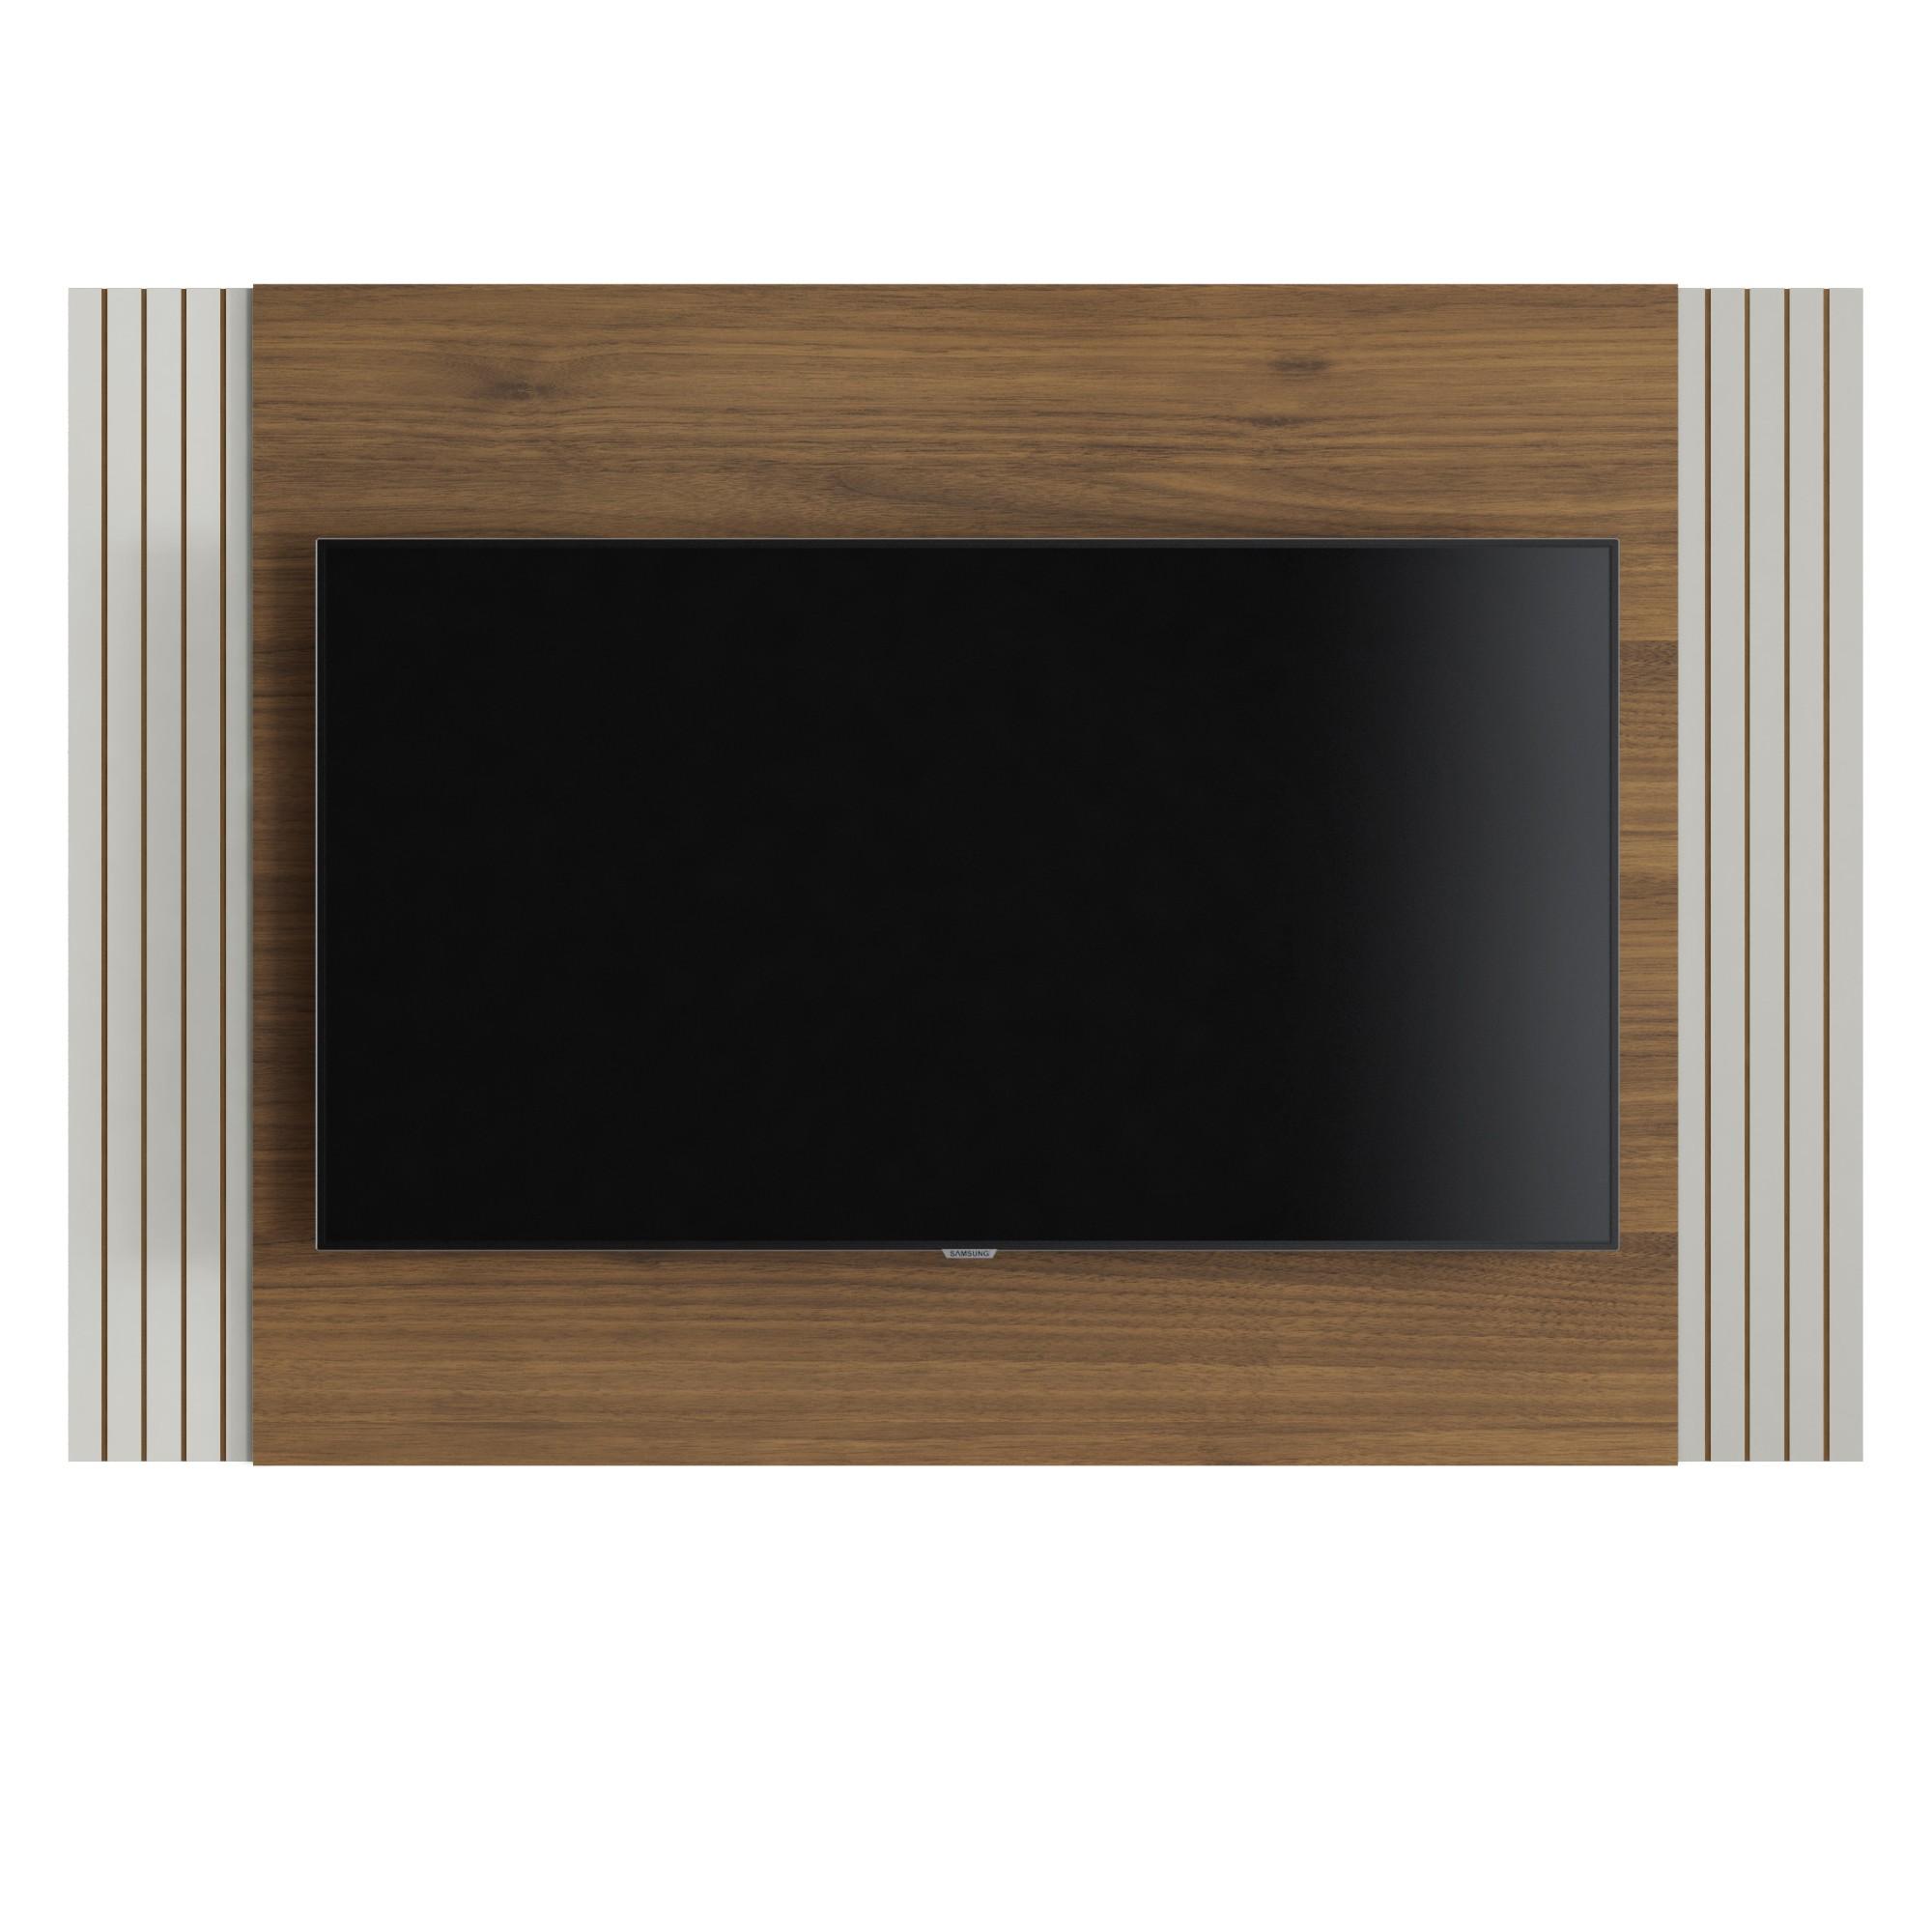 Painel para TV Furnas 136x90cm Off White e Nogueira - Linea